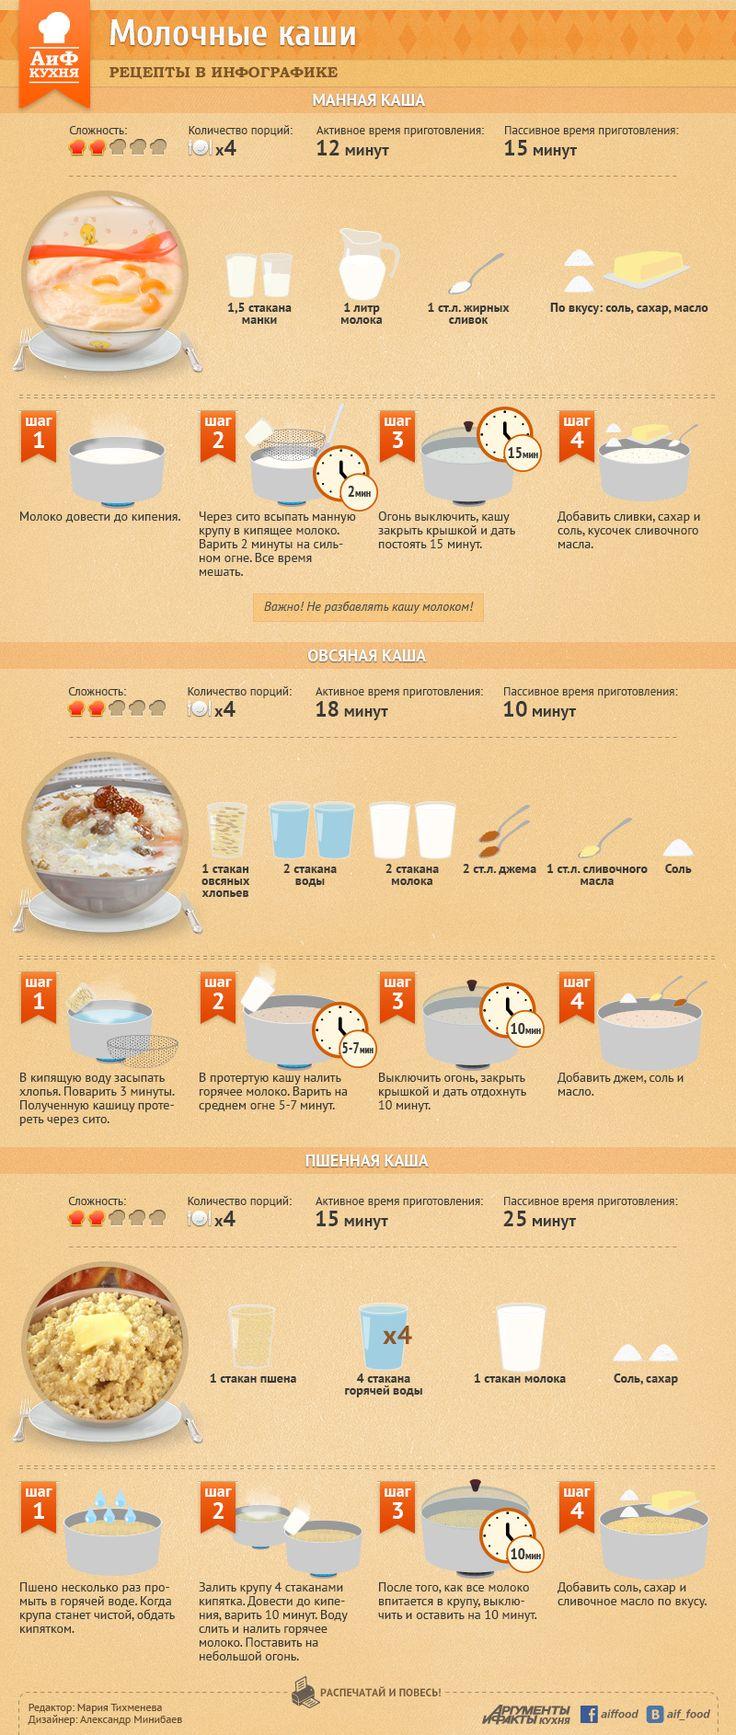 Как приготовить молочную кашу| Рецепты в инфографике